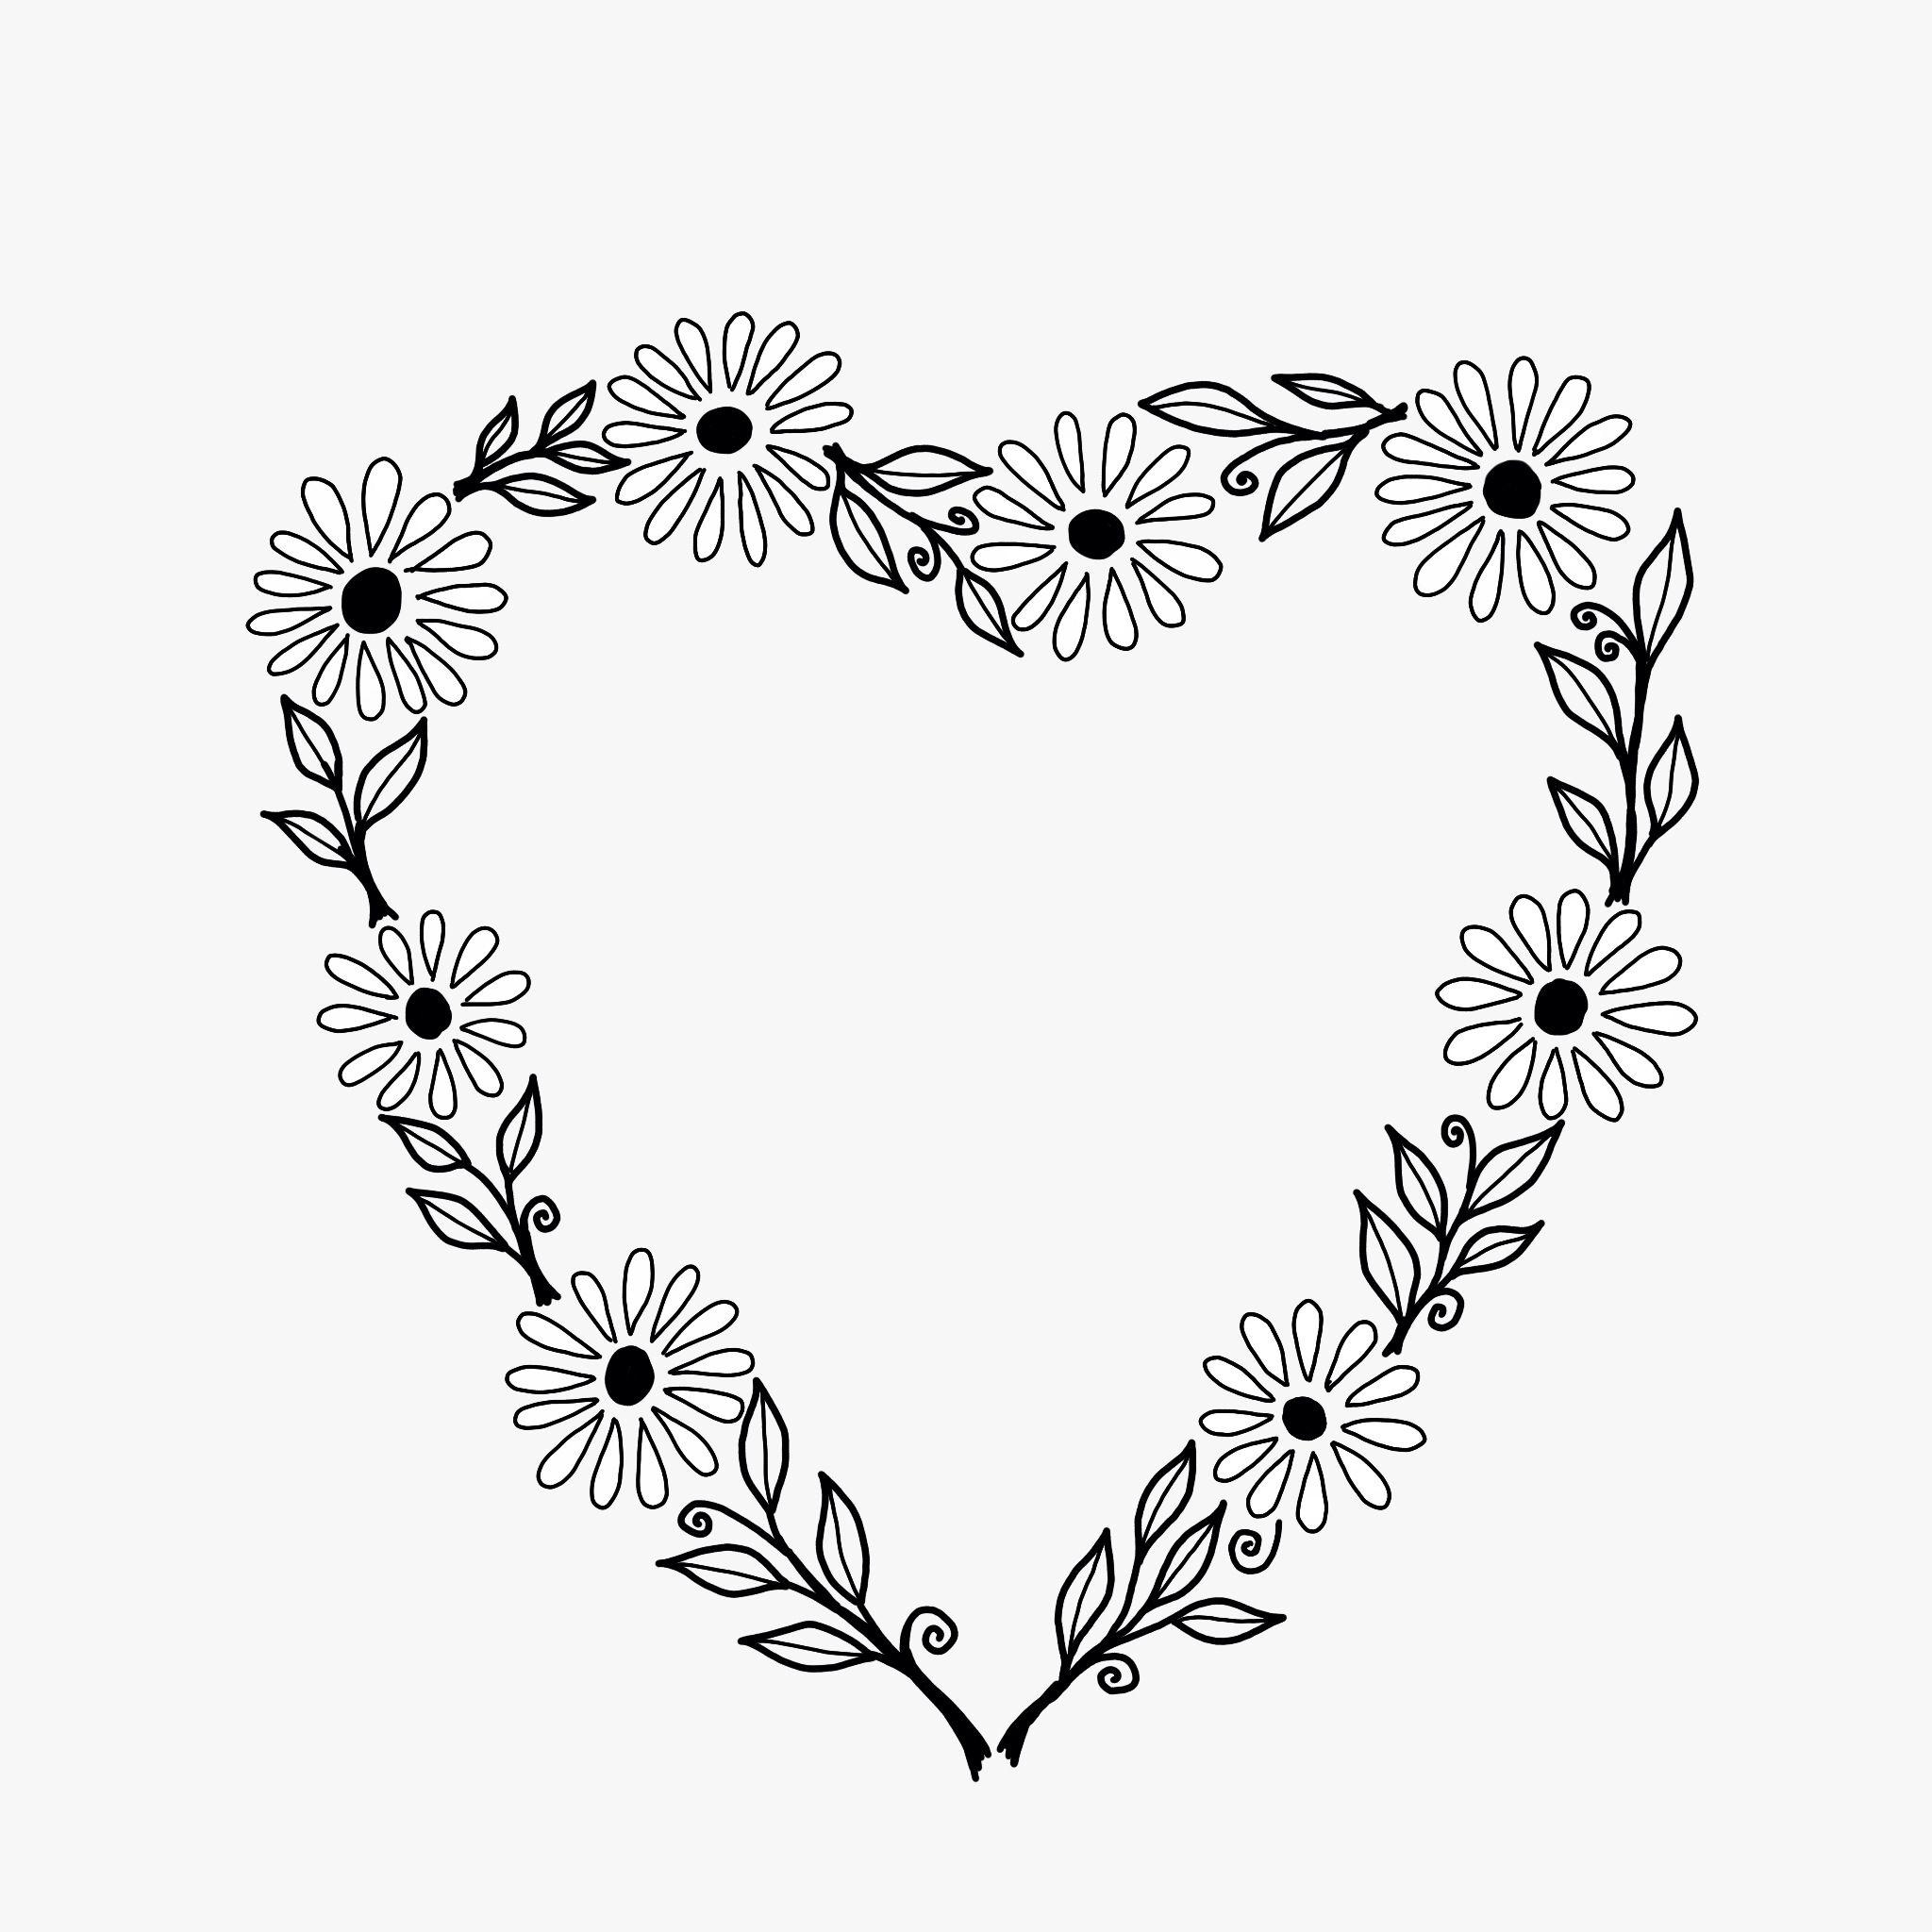 BW Daisy Chain Heart